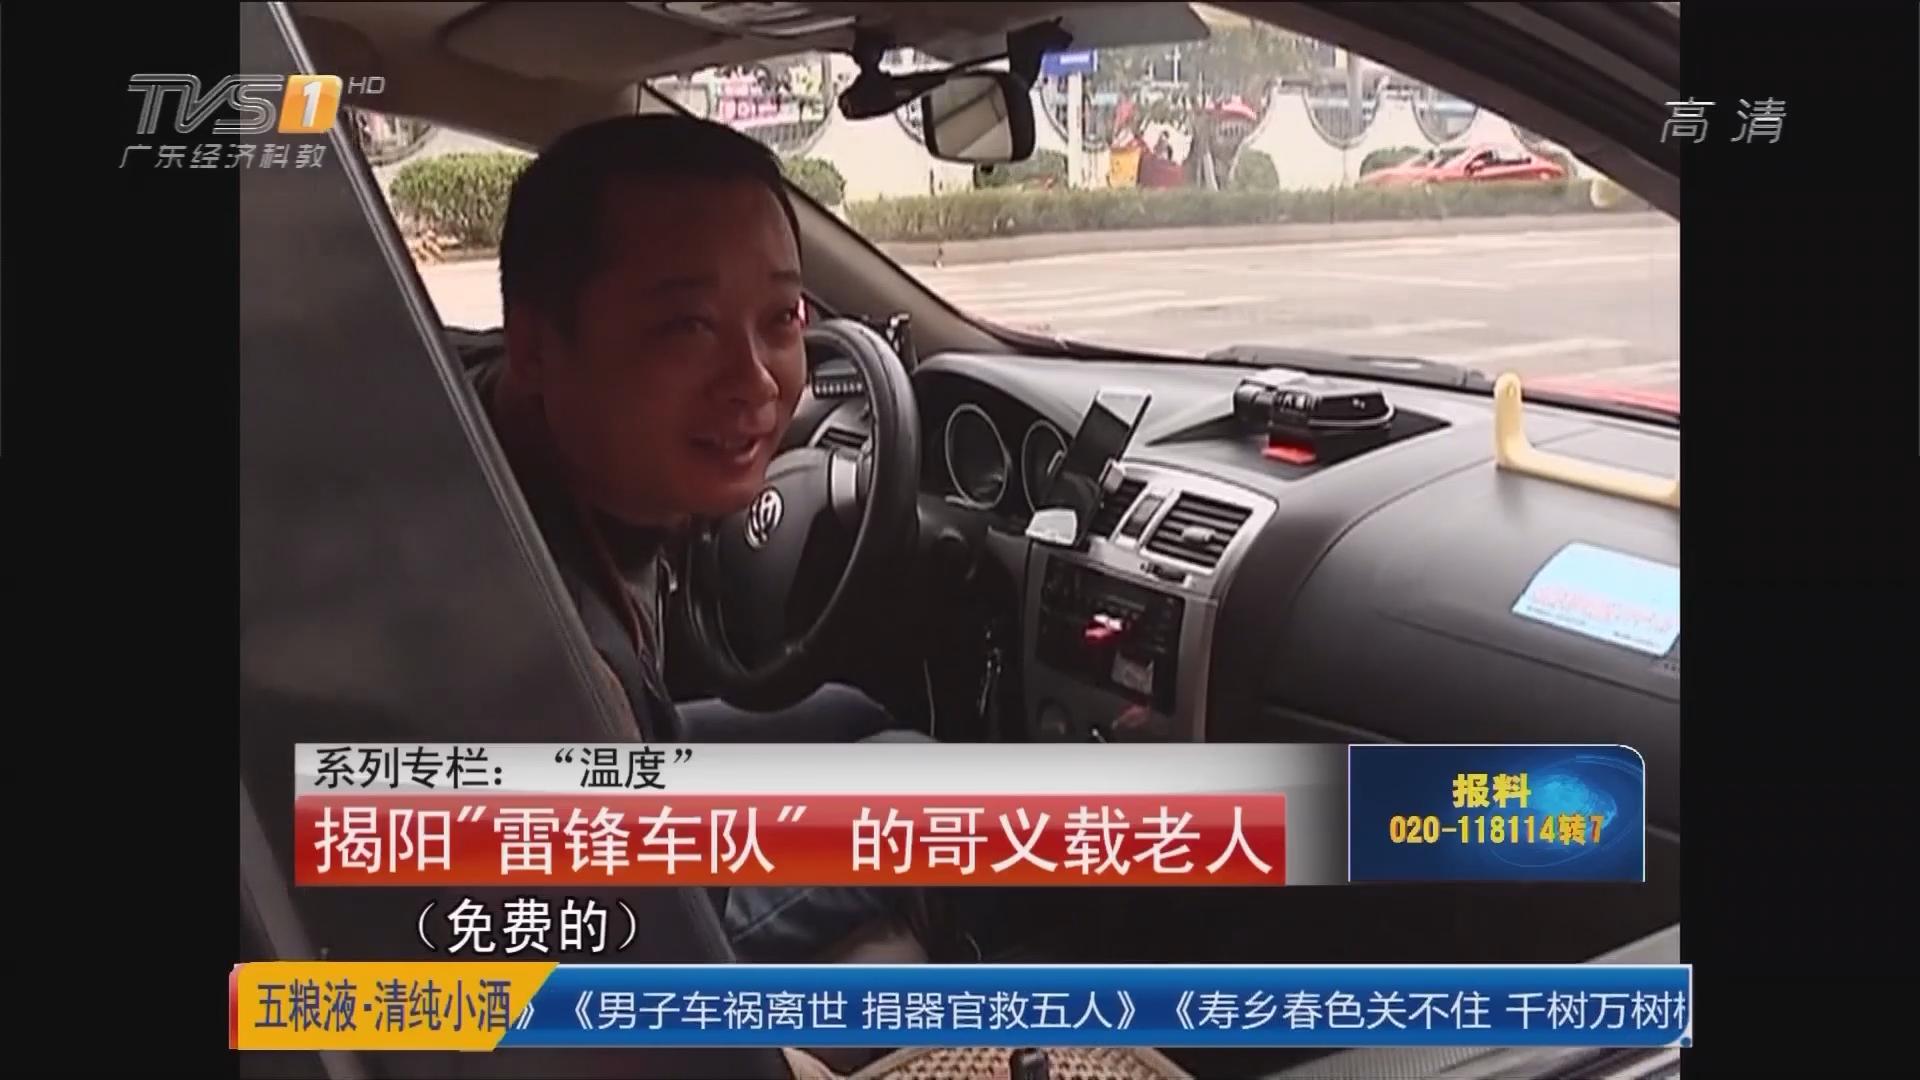 """系列专栏:""""温度"""" 揭阳""""雷锋车队"""" 的哥义载老人"""